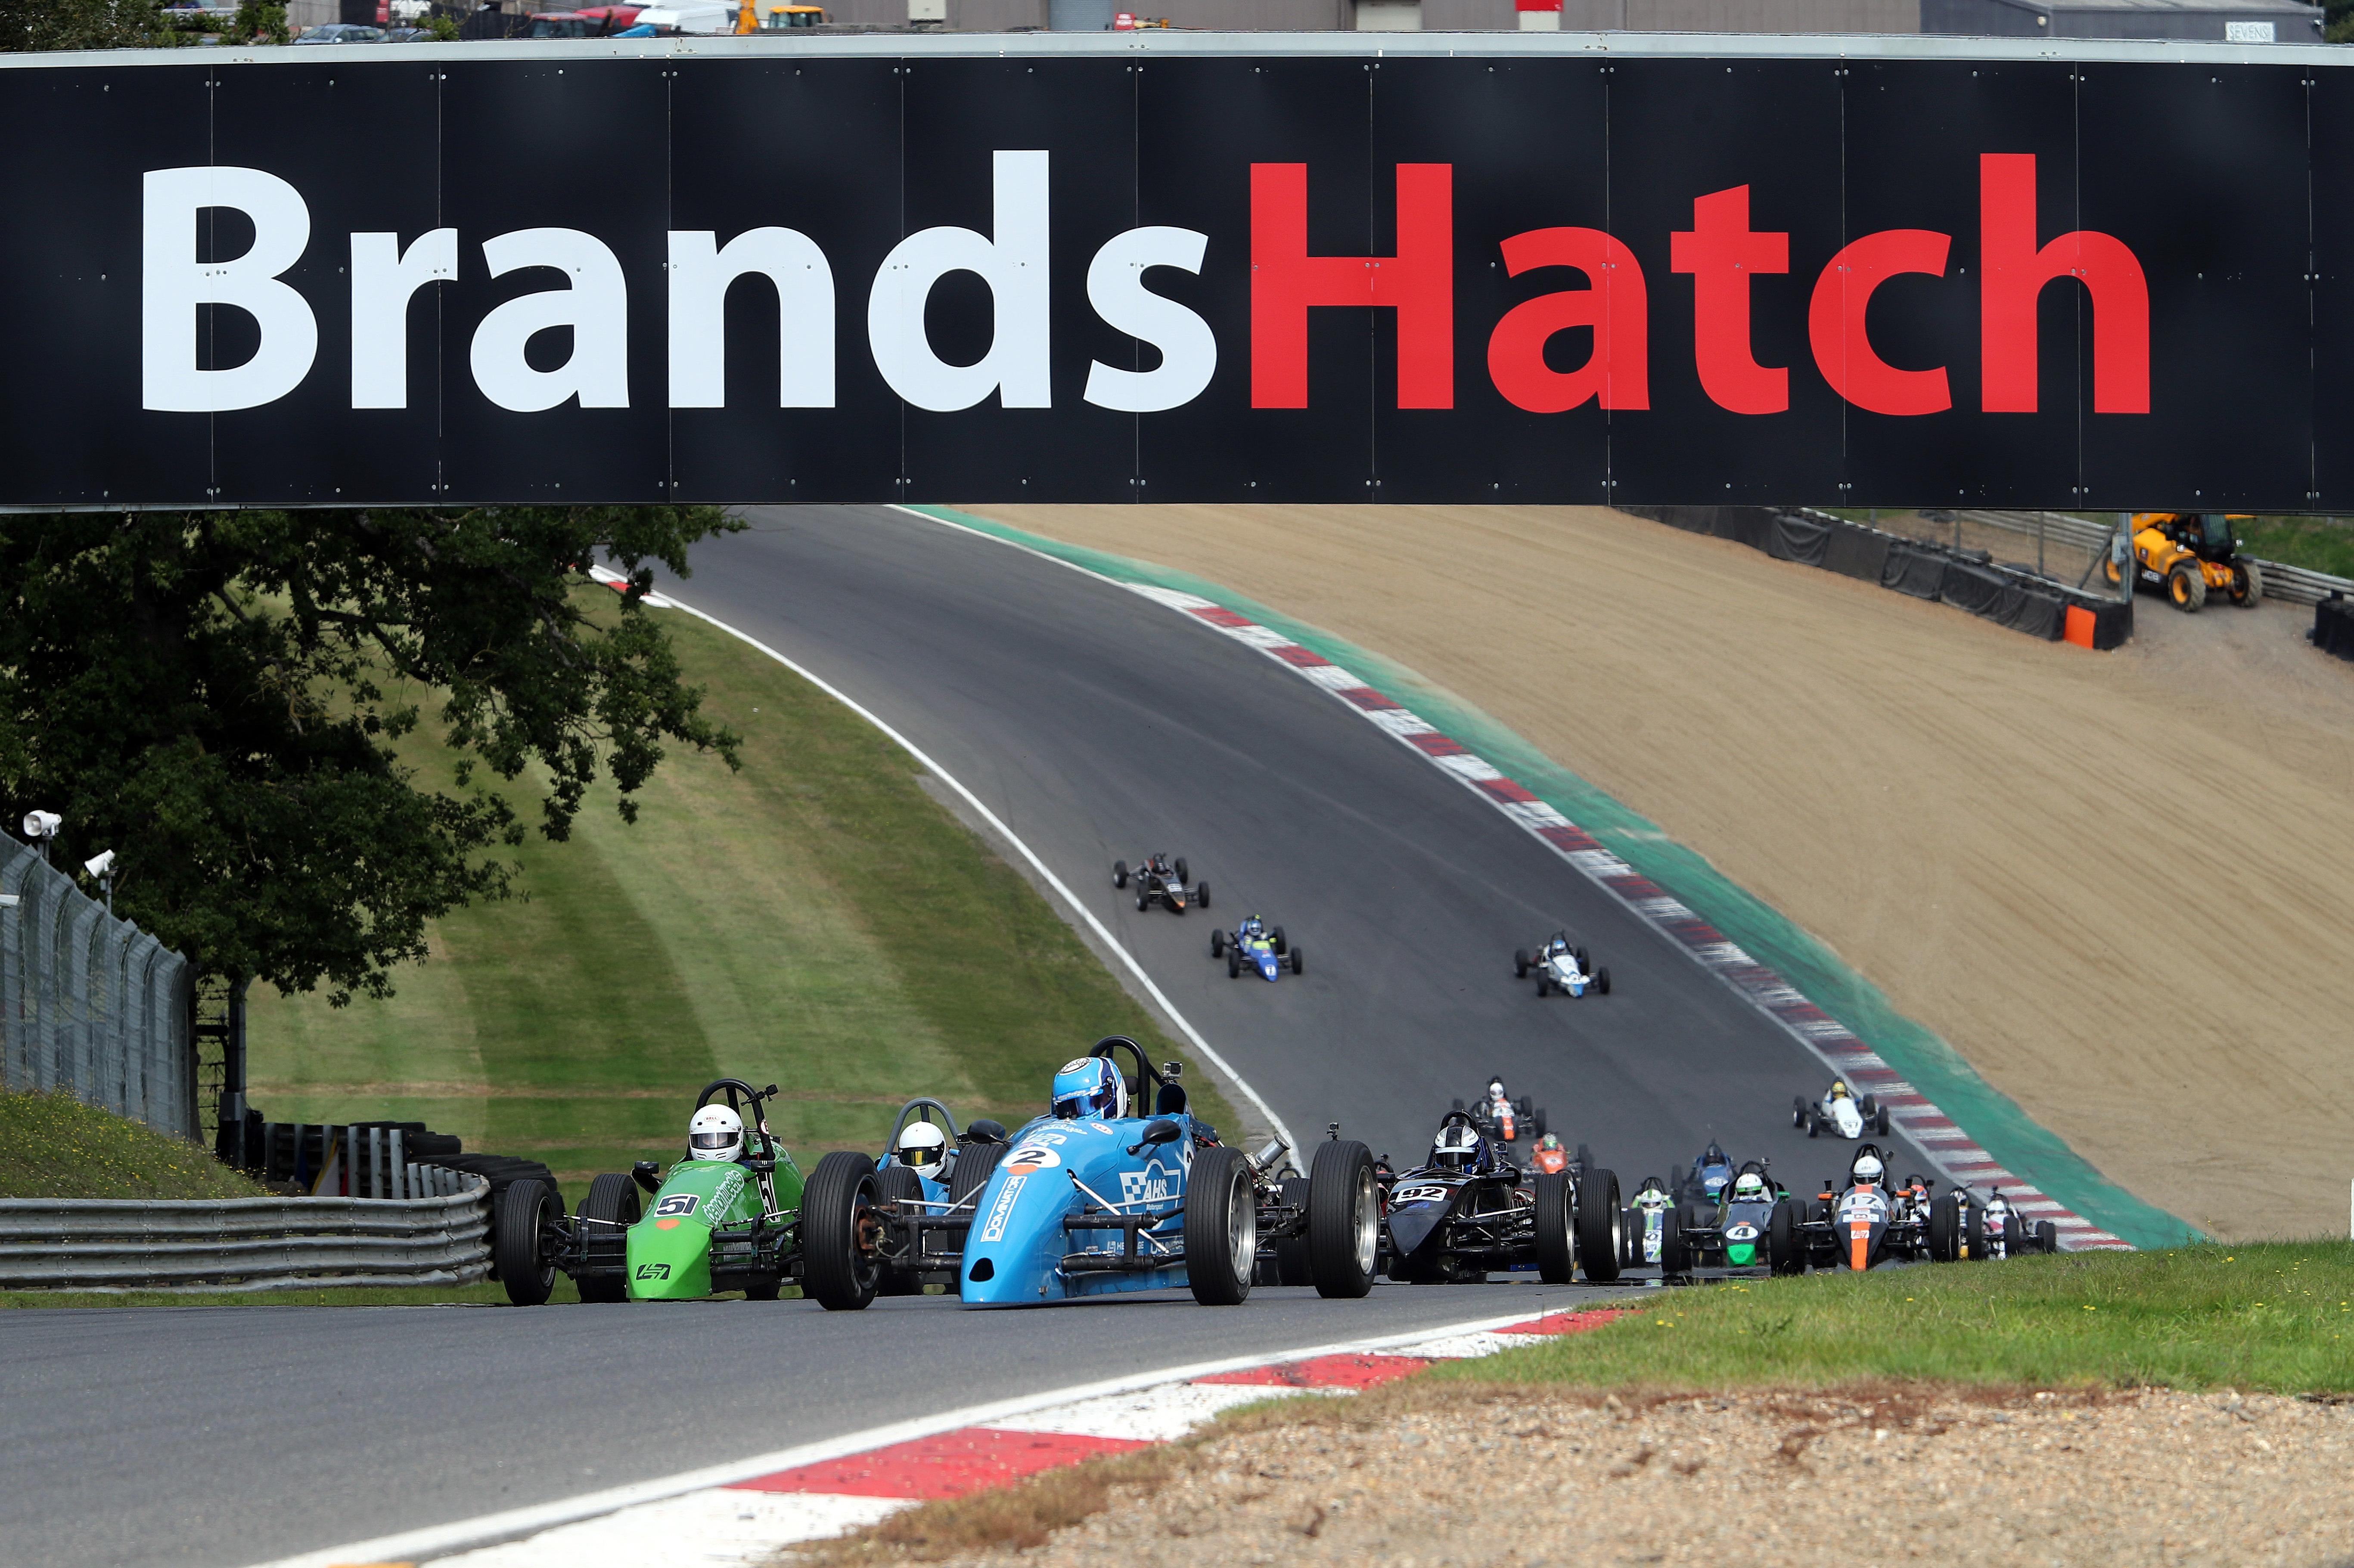 Danny Hands (AHS Dominator Mk2), Formula Vee, Brands Hatch 2021